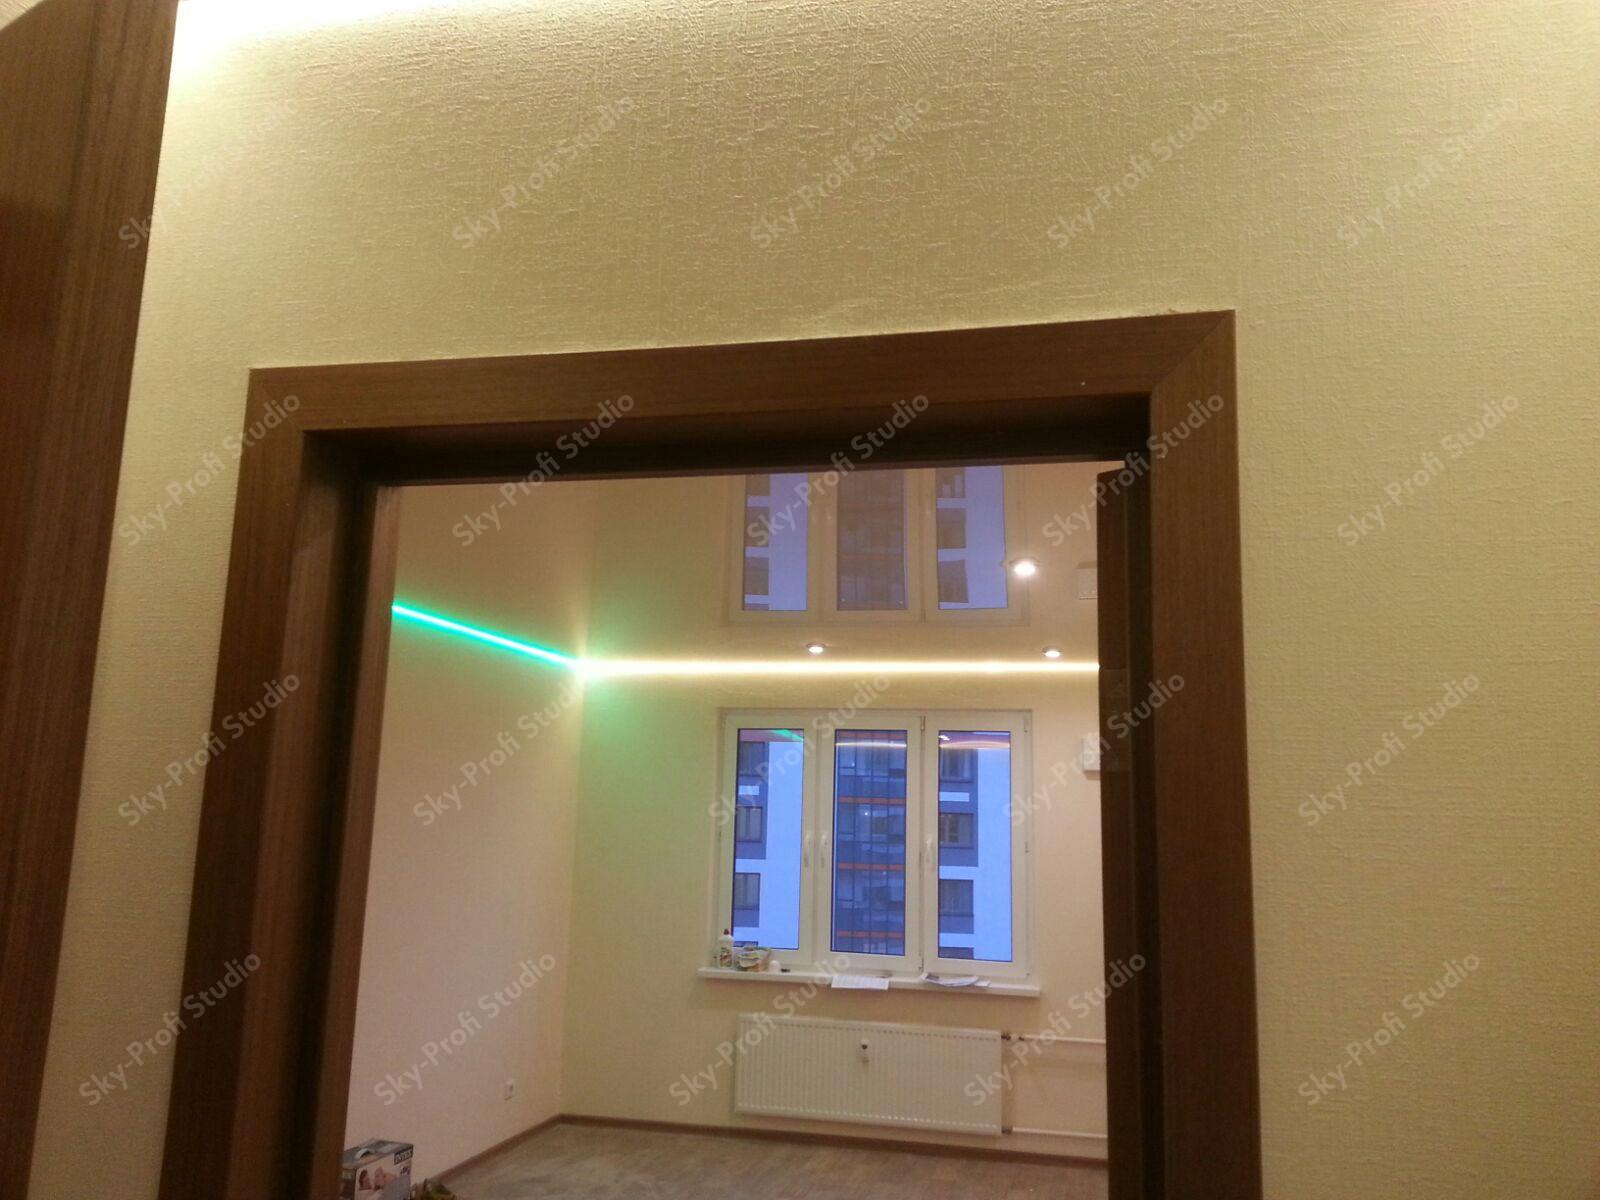 потолок на кухне с подсветкой по периметру